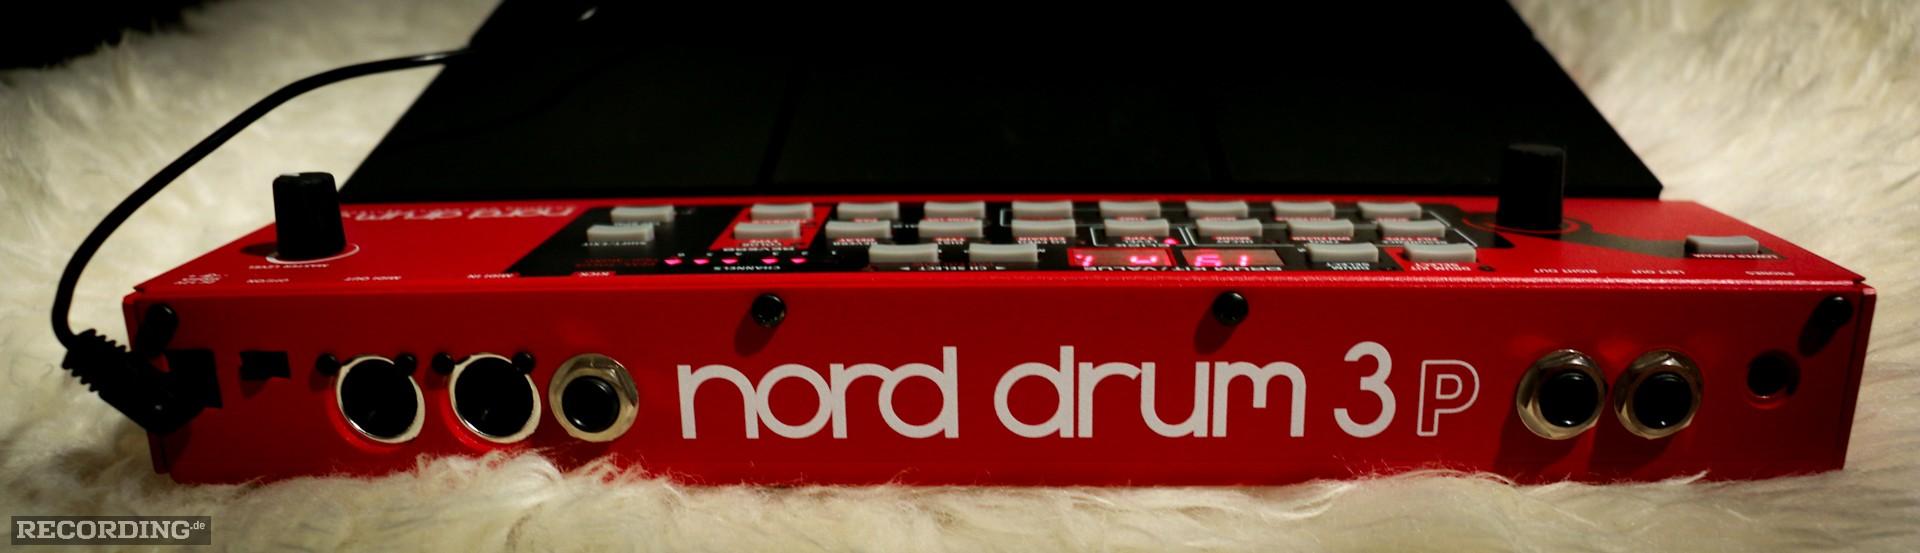 NordDrum3P-09.jpg